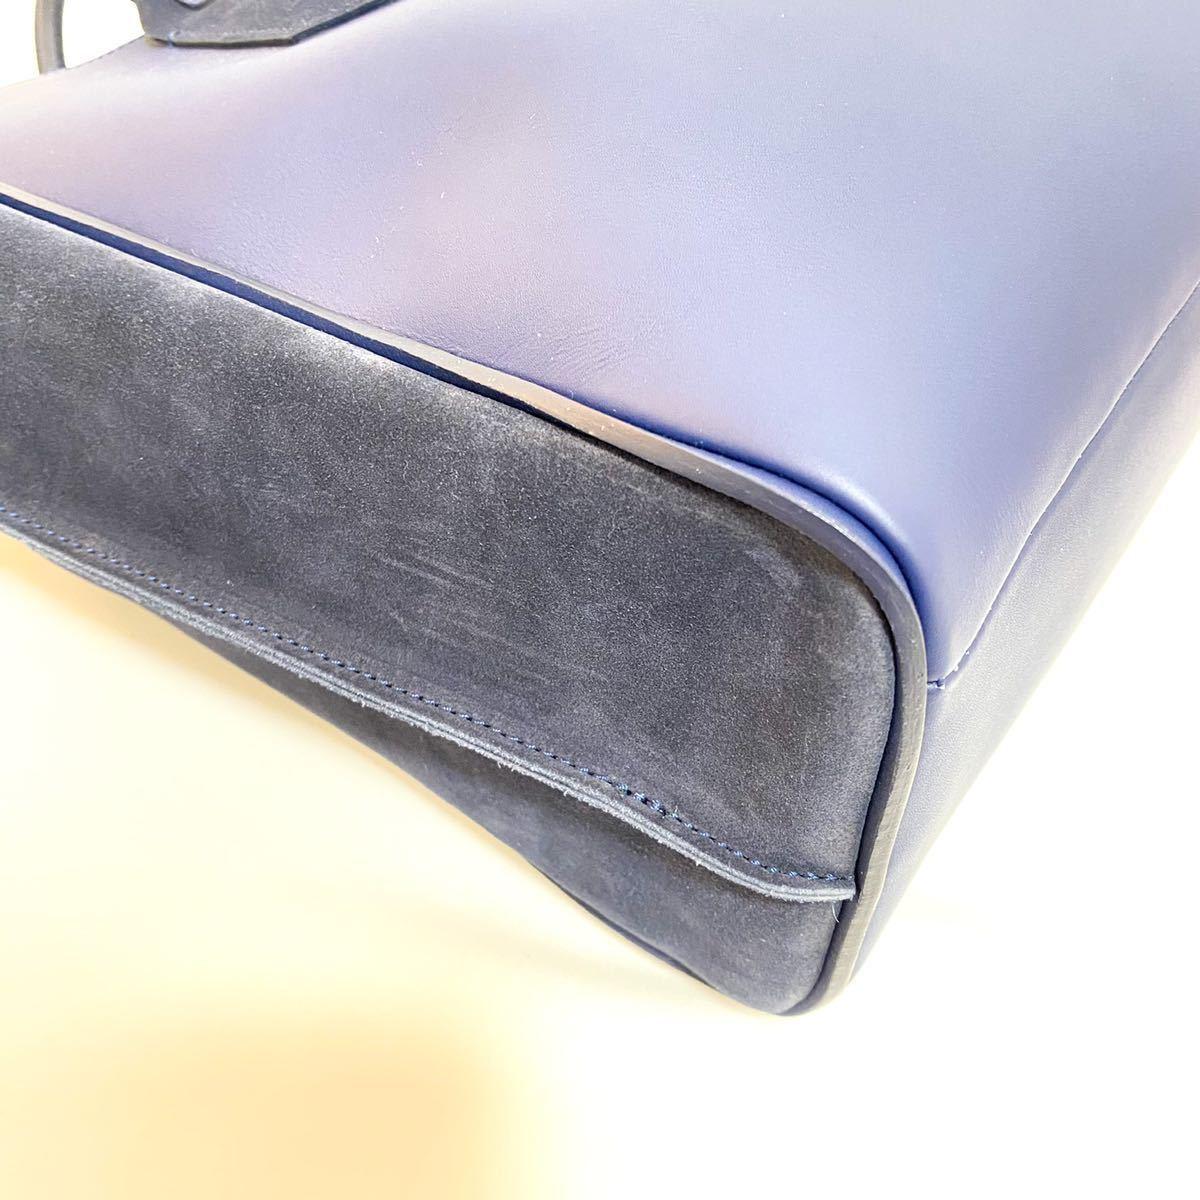 【新品未使用】 ロンシャン ペネロペ ファンテジーM トートバッグ ショルダーバッグ ハンドバッグ LONG CHAMP プリアージュ_画像5